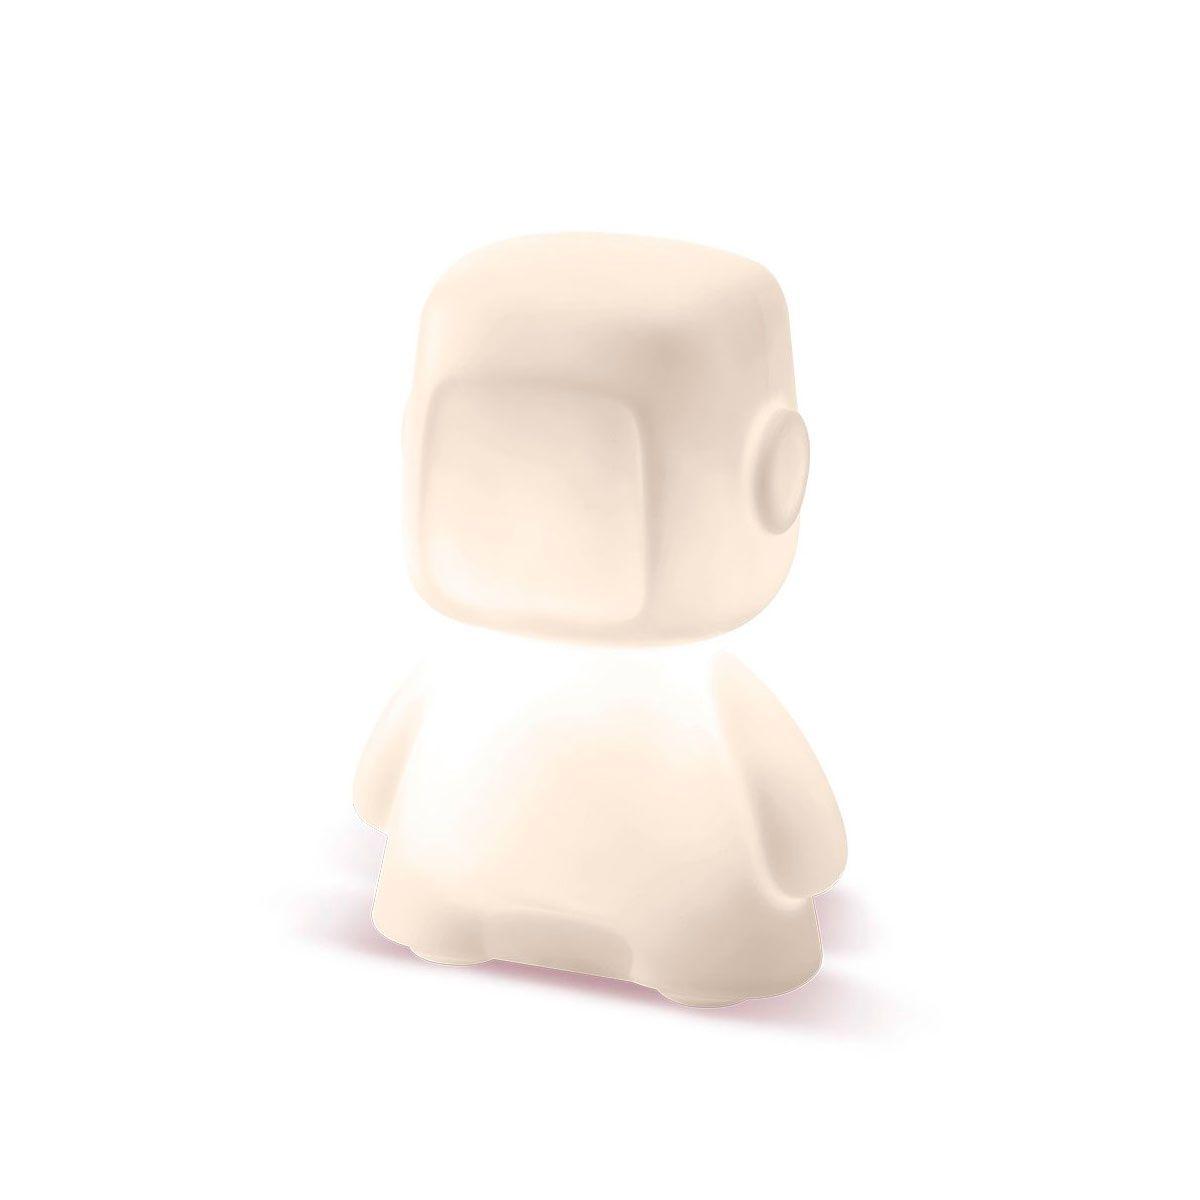 e959168cc Luminaria Robo Natural - Decorfun Decorfun - Bebe Casa - Loja de ...